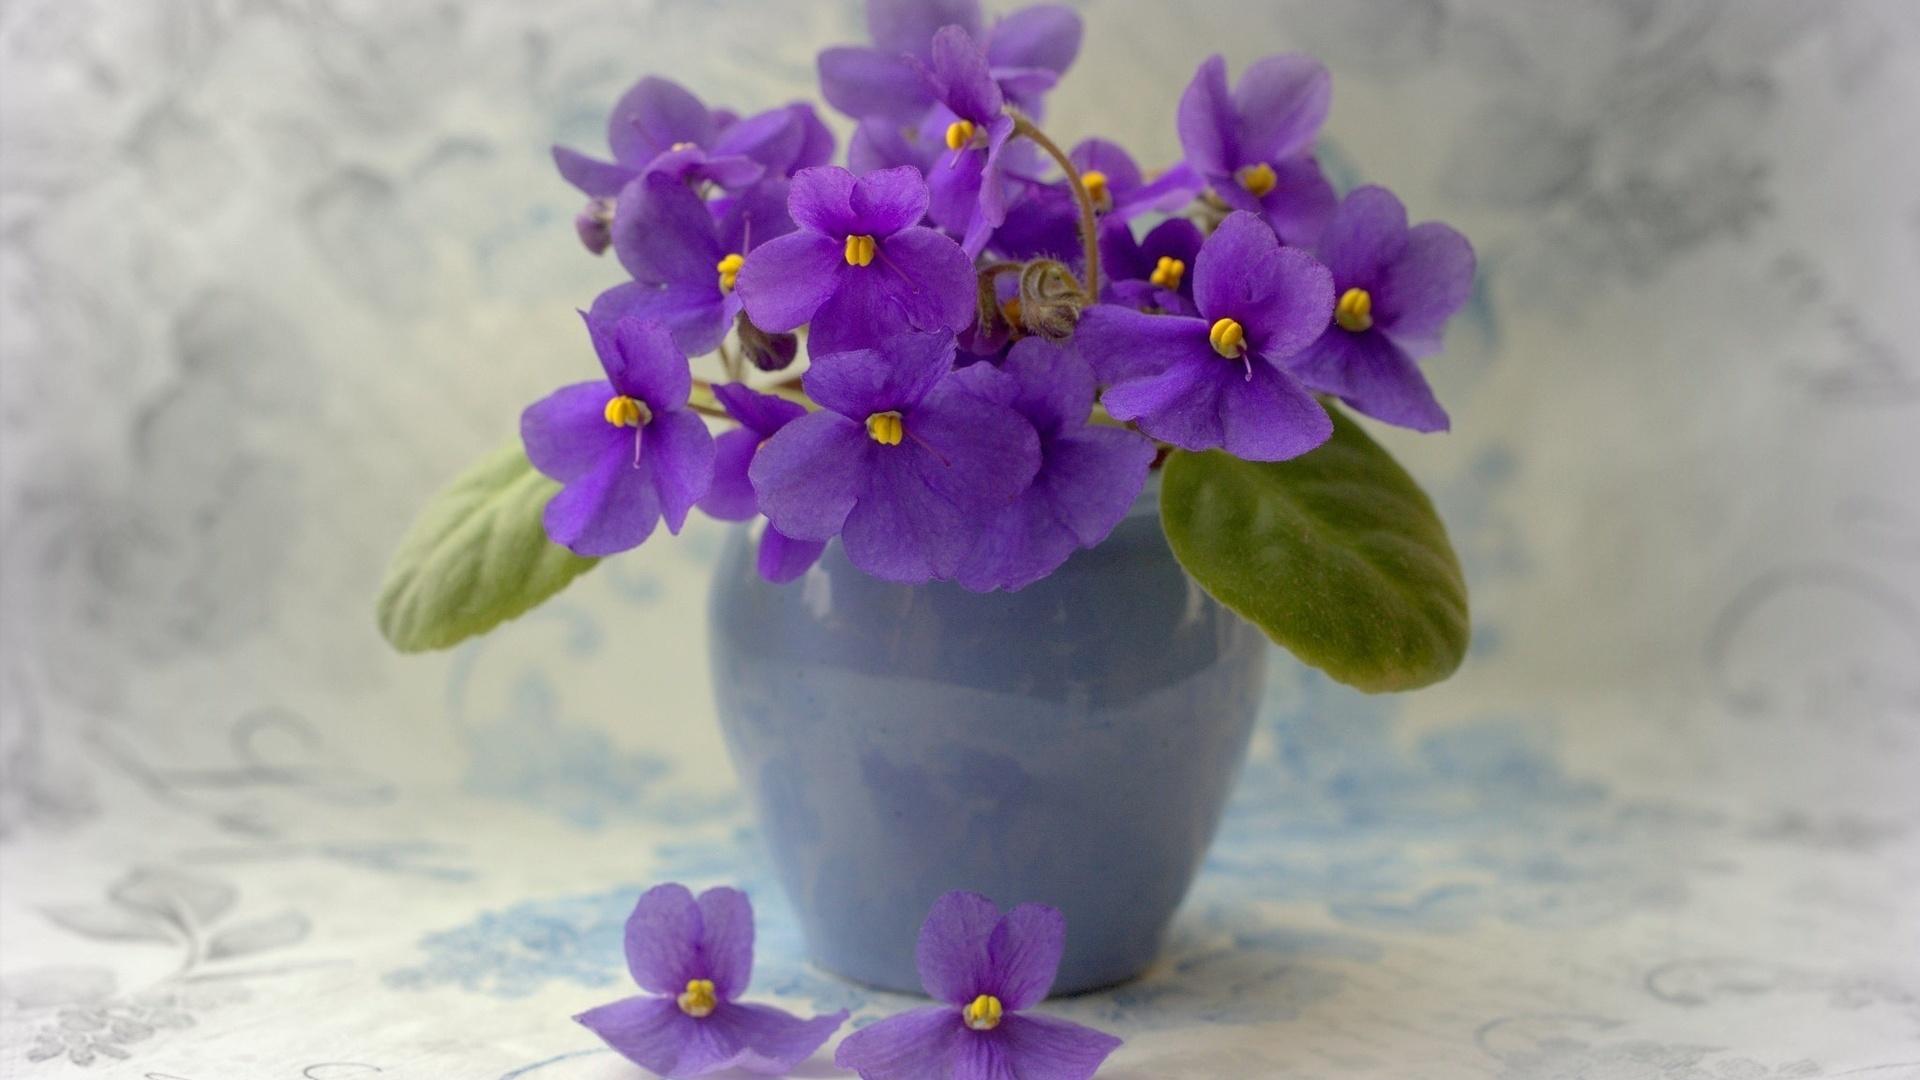 Houseplants free image